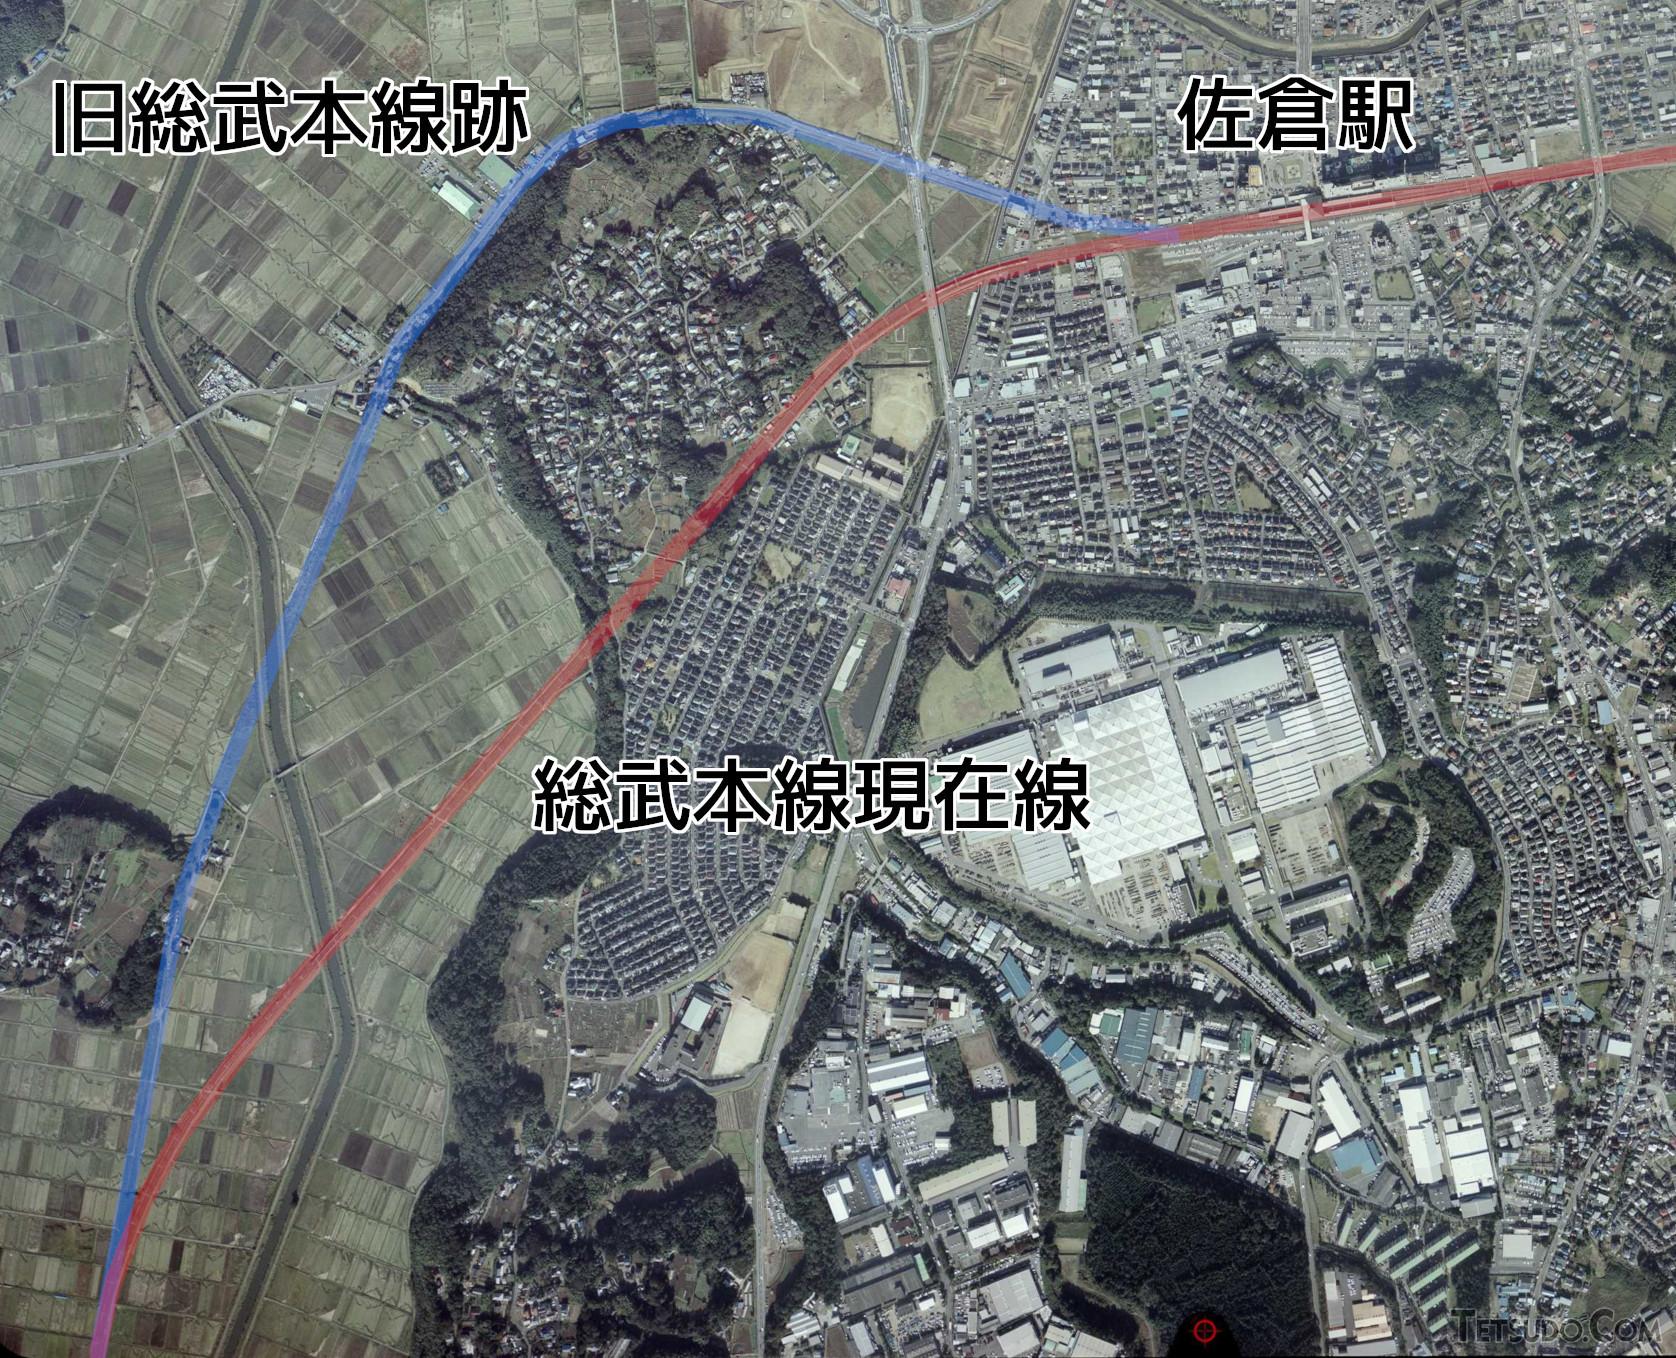 総武本線の物井~佐倉間。赤が現在線、青が旧線跡です(国土地理院の空中写真(2006年撮影)に加筆)